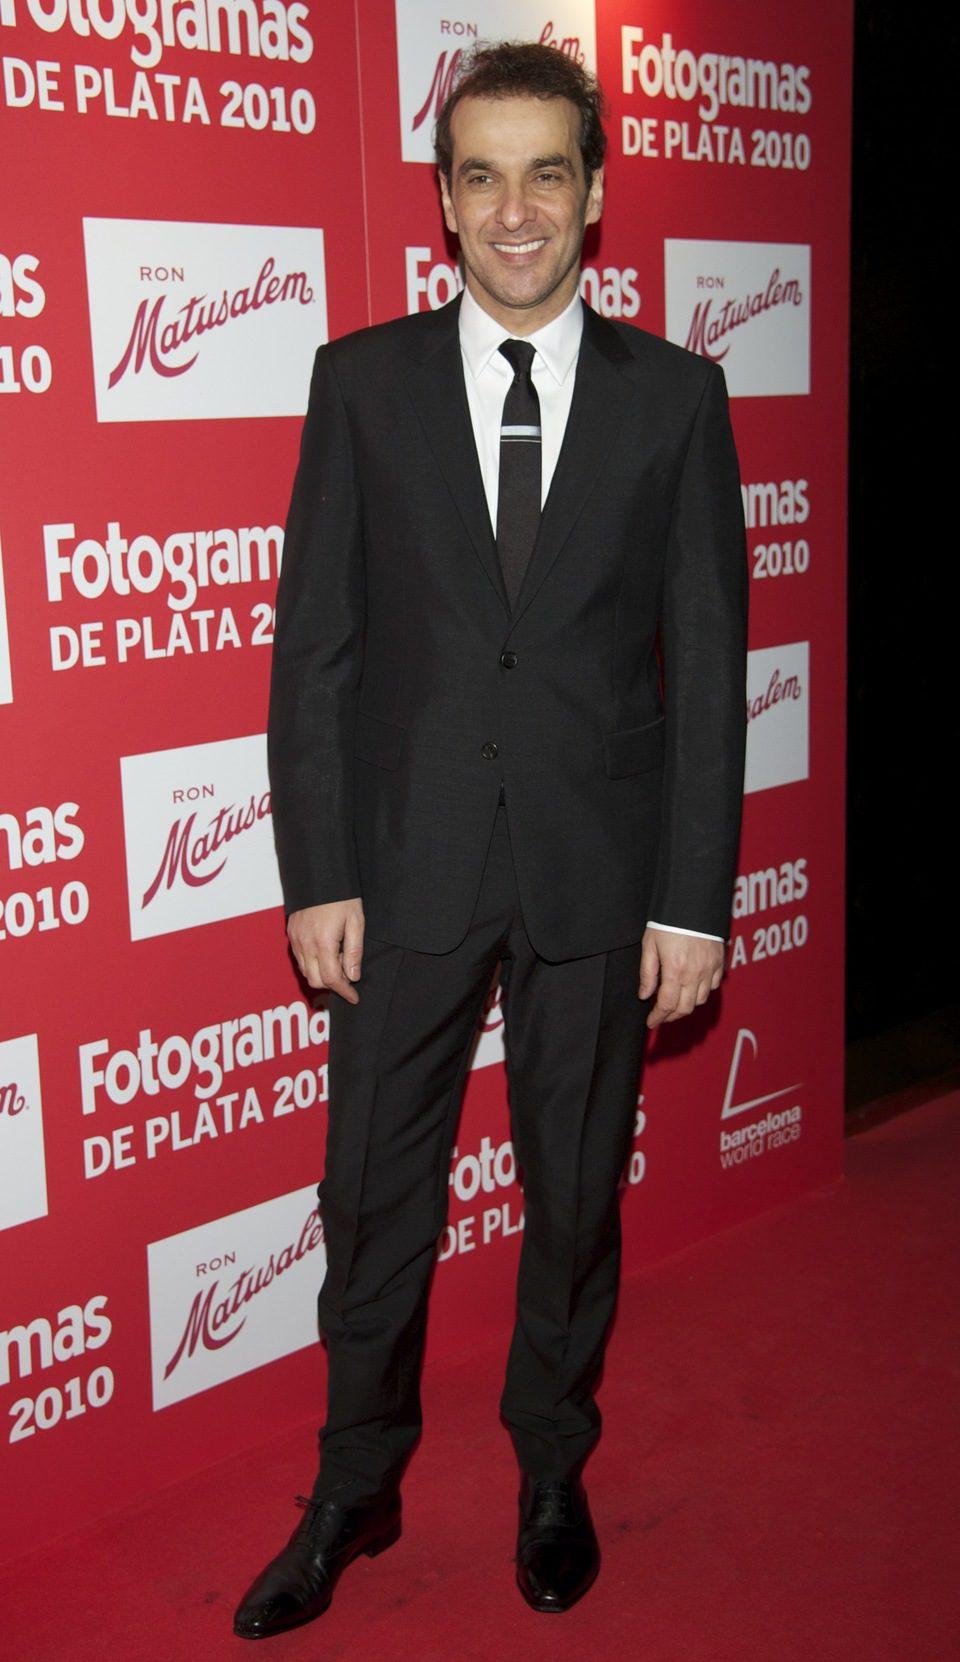 Luis Merlo en los Fotogramas 2010